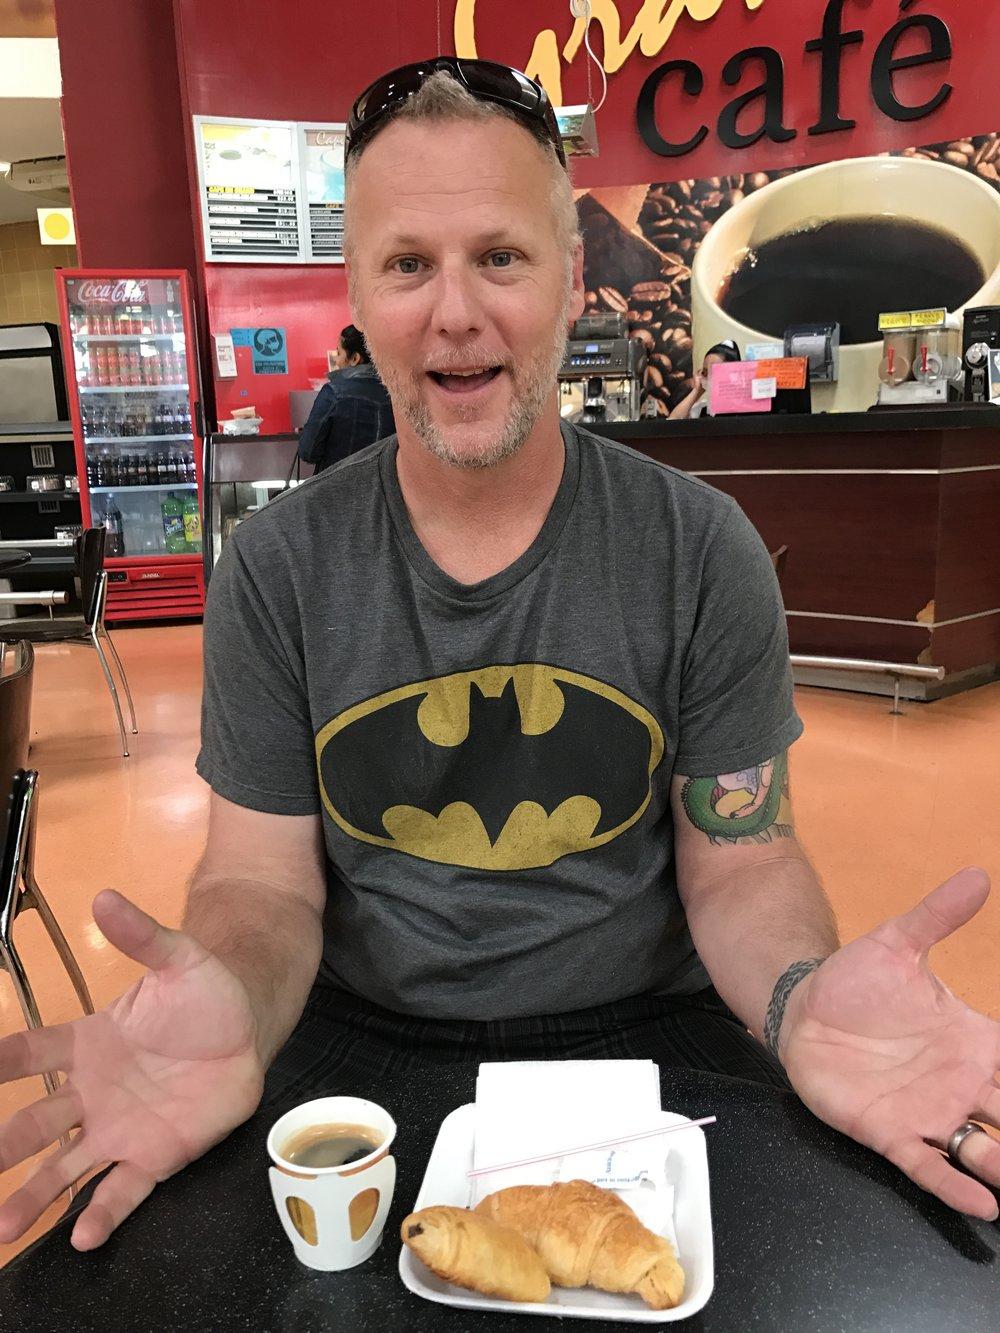 His espresso & pastery pre-breakfast